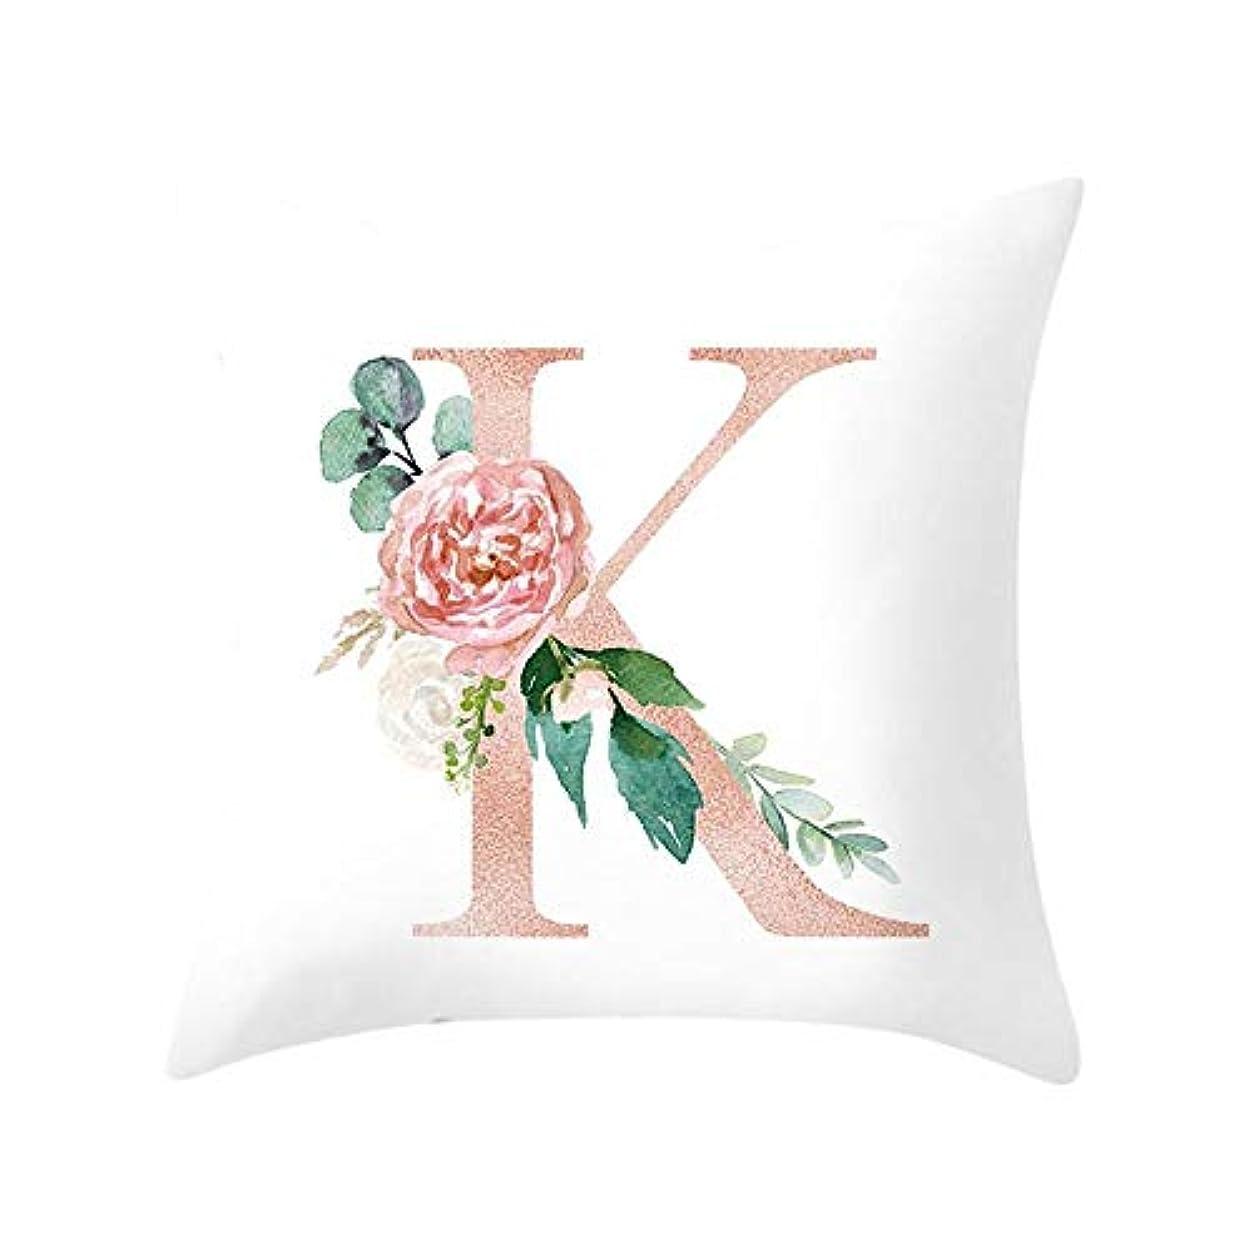 繊維ひそかに手を差し伸べるLIFE 装飾クッションソファ手紙枕アルファベットクッション印刷ソファ家の装飾の花枕 coussin decoratif クッション 椅子